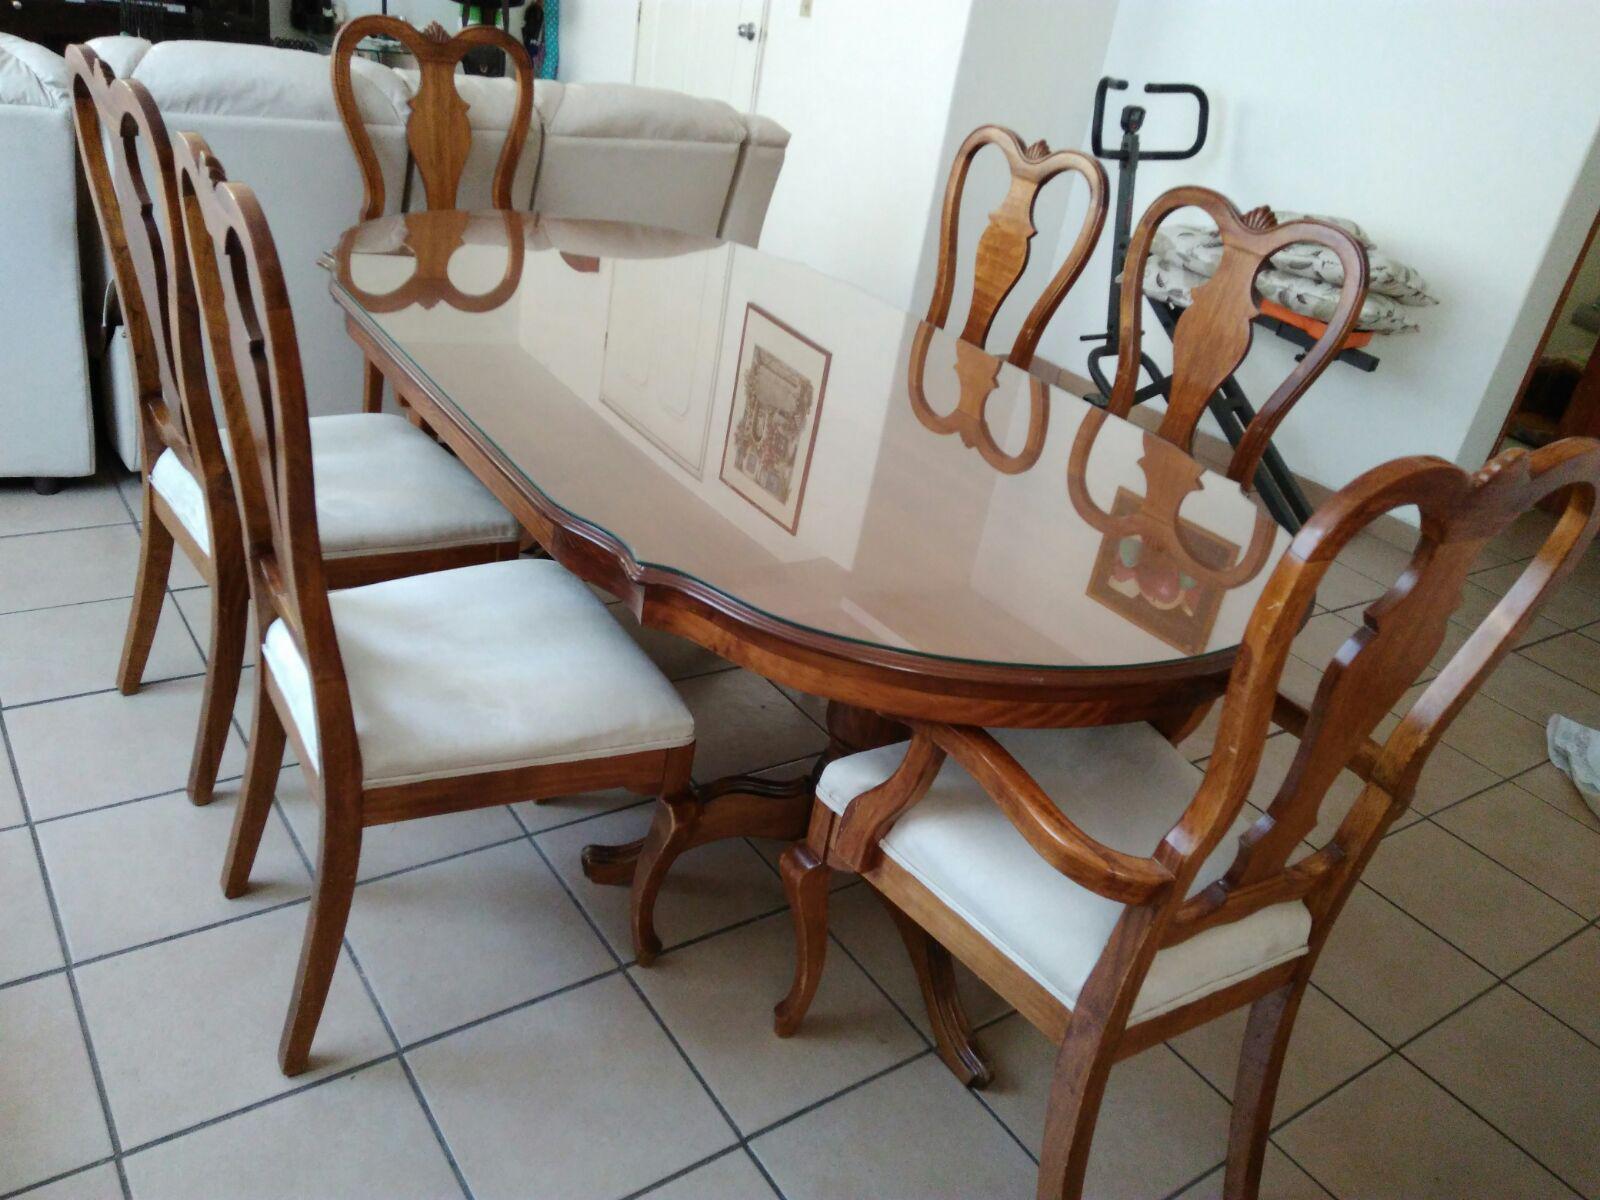 Compro muebles usados y menaje de casa completos for Muebles usados gratis